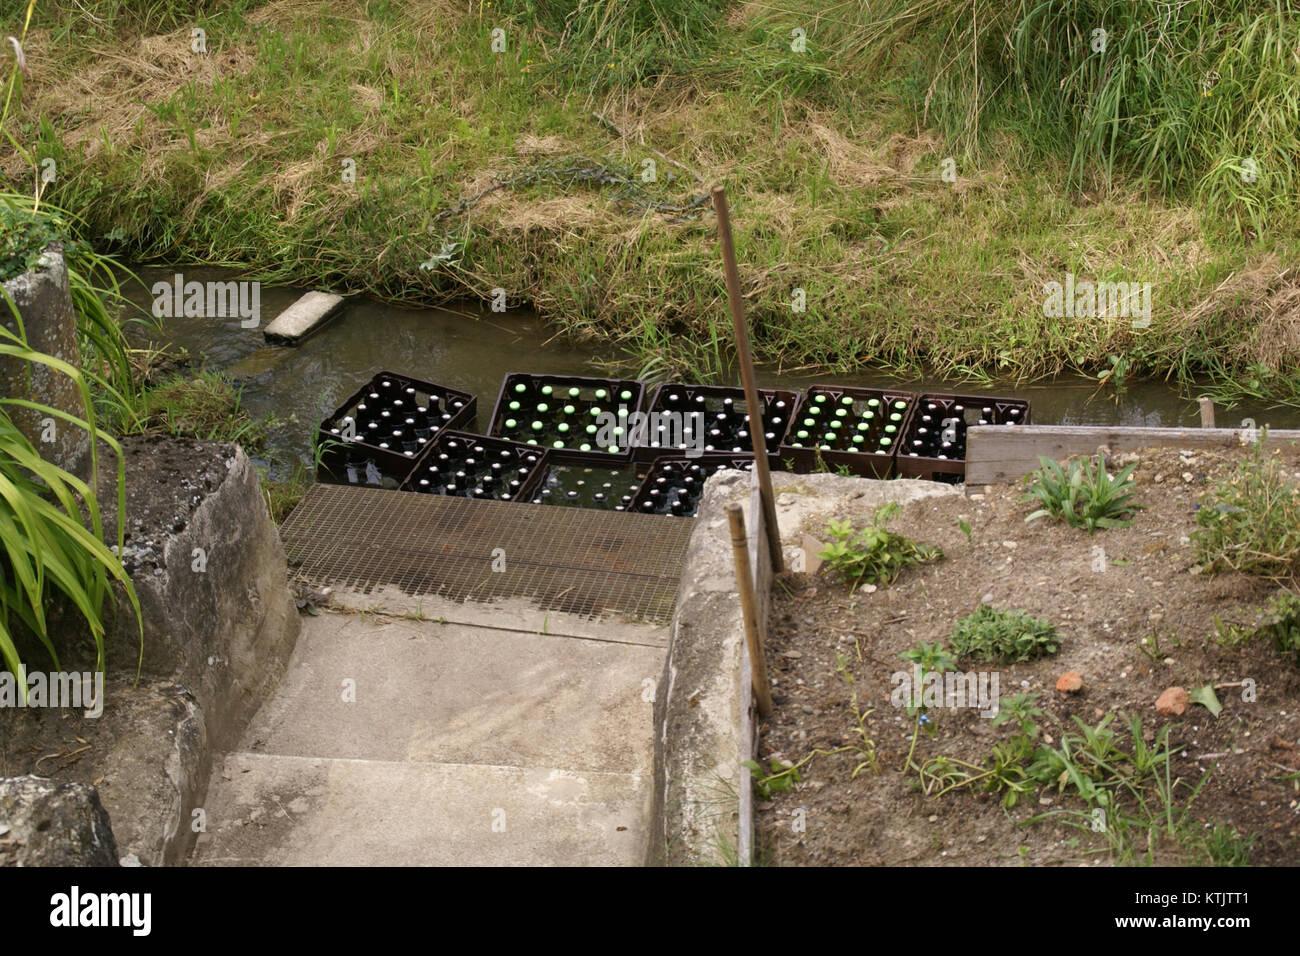 Kasten Bier Stock Photos Kasten Bier Stock Images Alamy